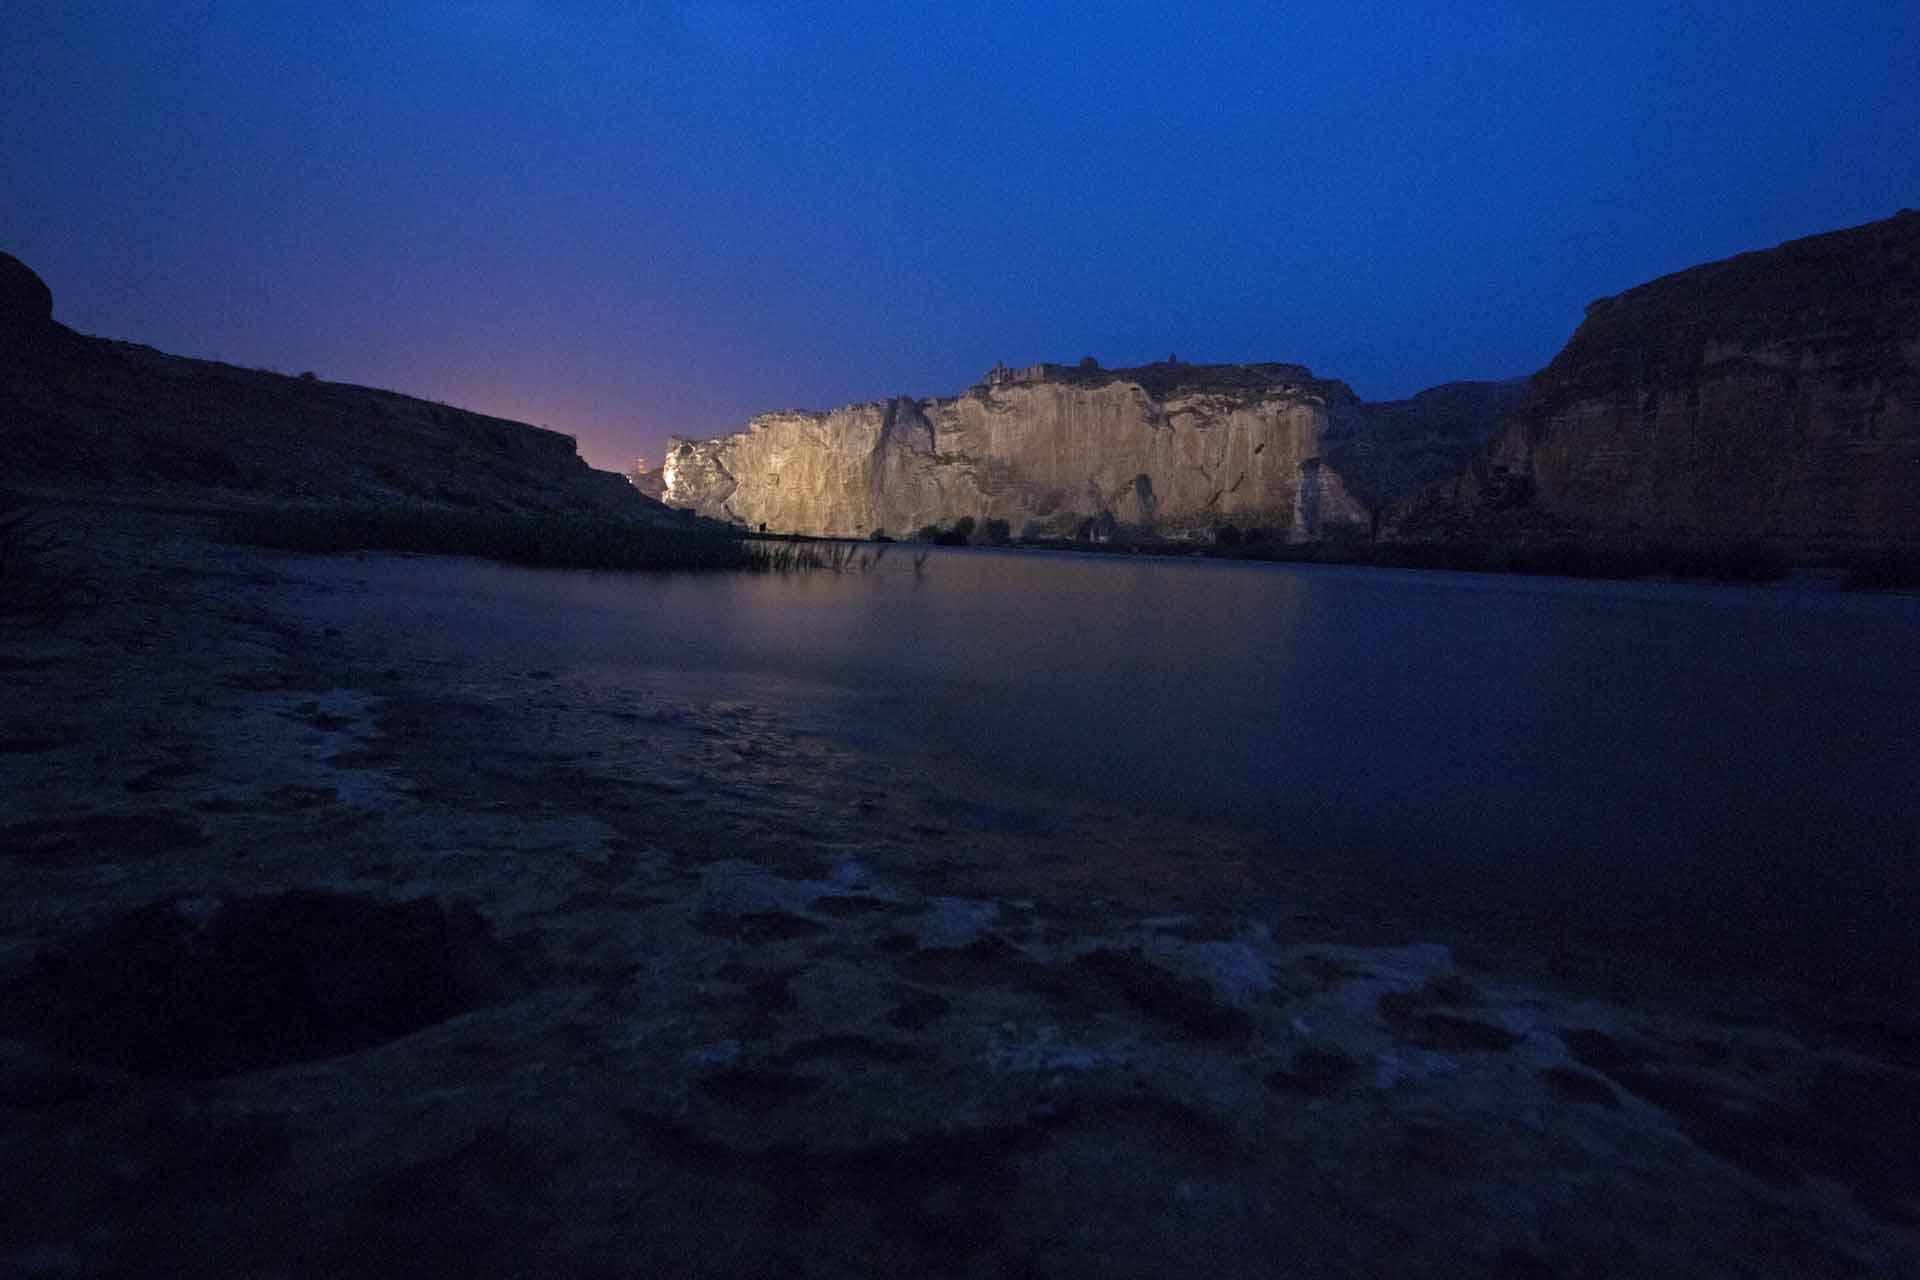 Der Felsen von Hasankeyf bei einbrechender Dunkelheit. Der Felsen wird durch die Baustelle der Brückenpfeiler beleuchtet.